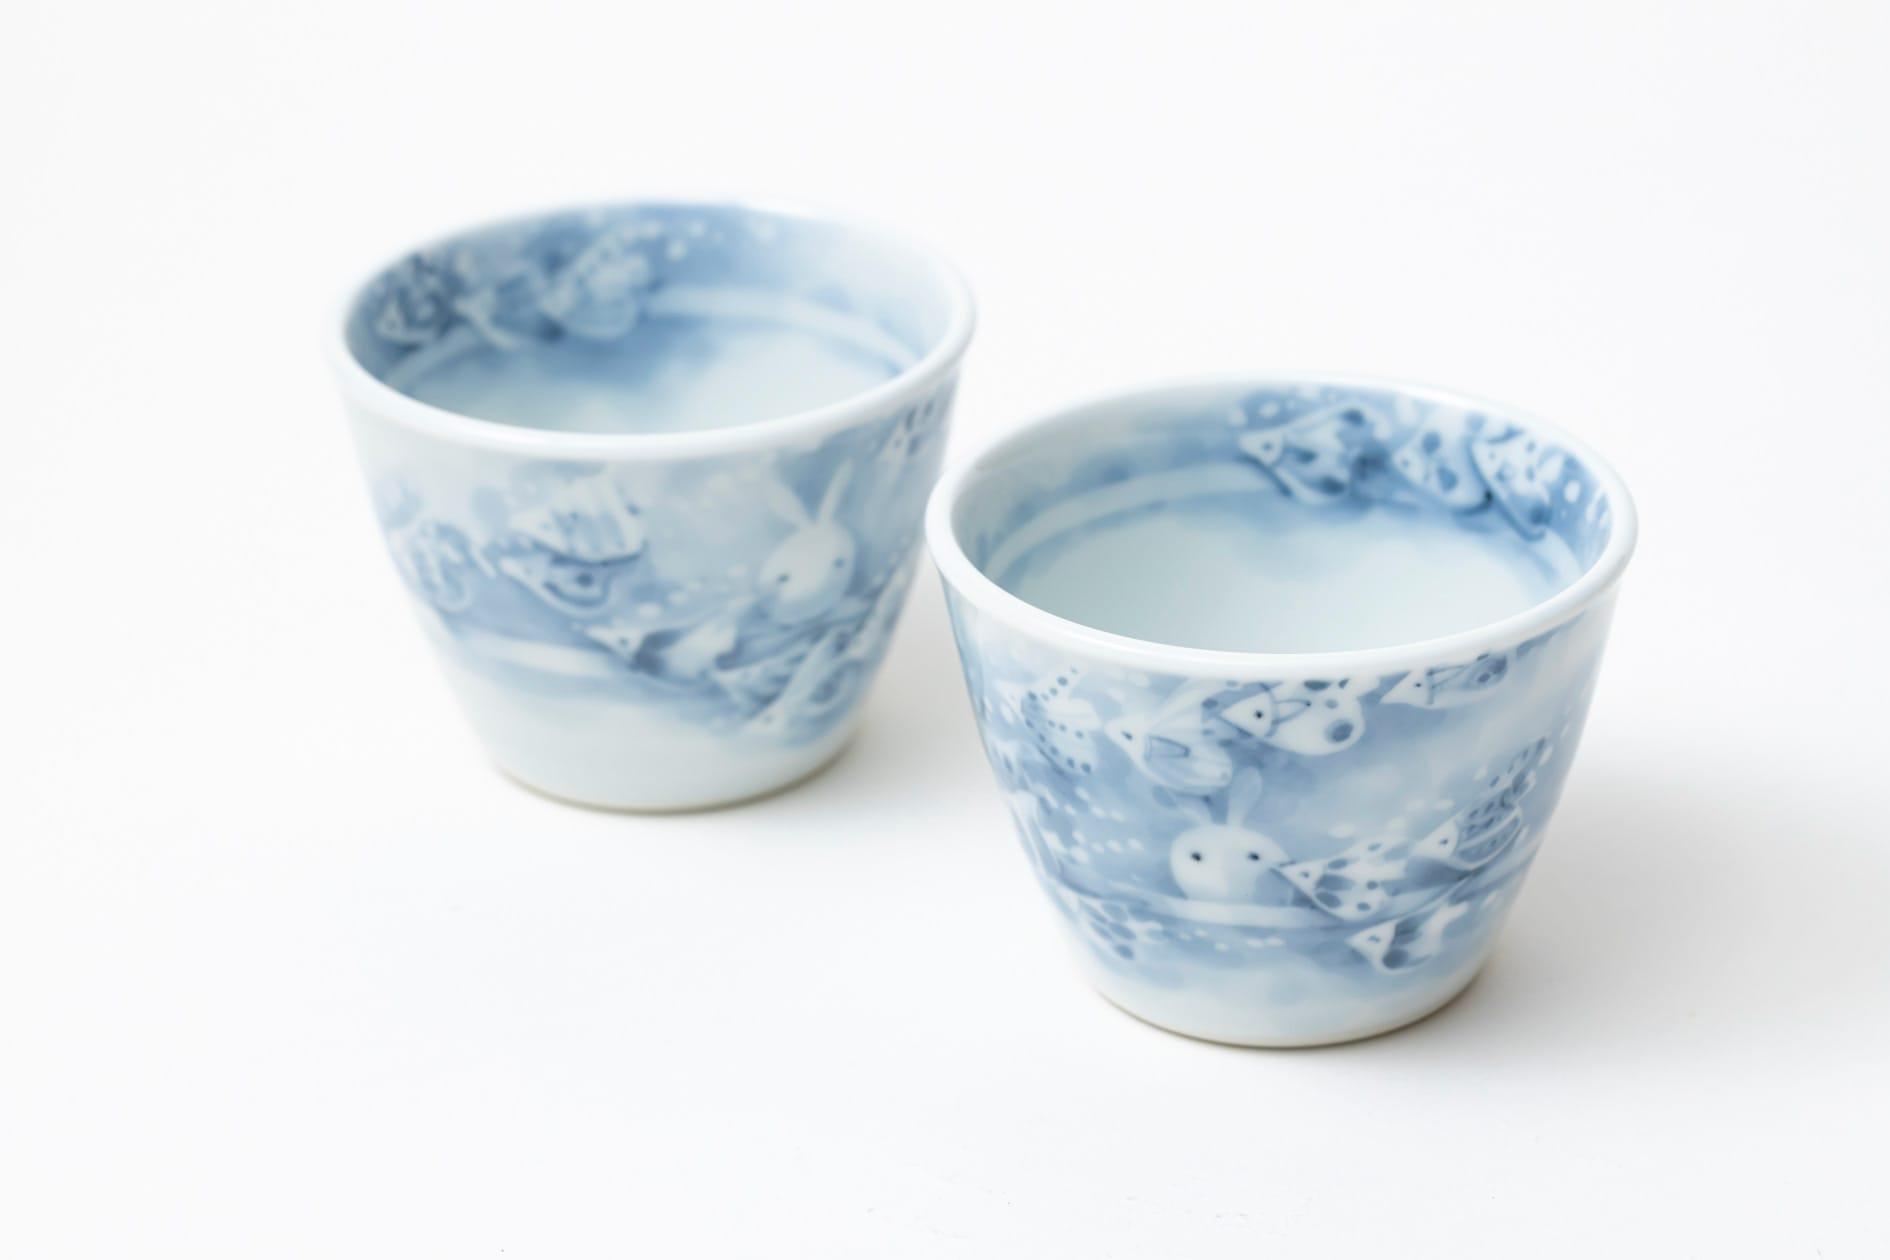 描かれたうさぎや魚の表情が一つずつ異なる黒羽陶工房の2つのフリーカップ(すいぞくかん),淡いブルーの濃淡が特徴のカップ